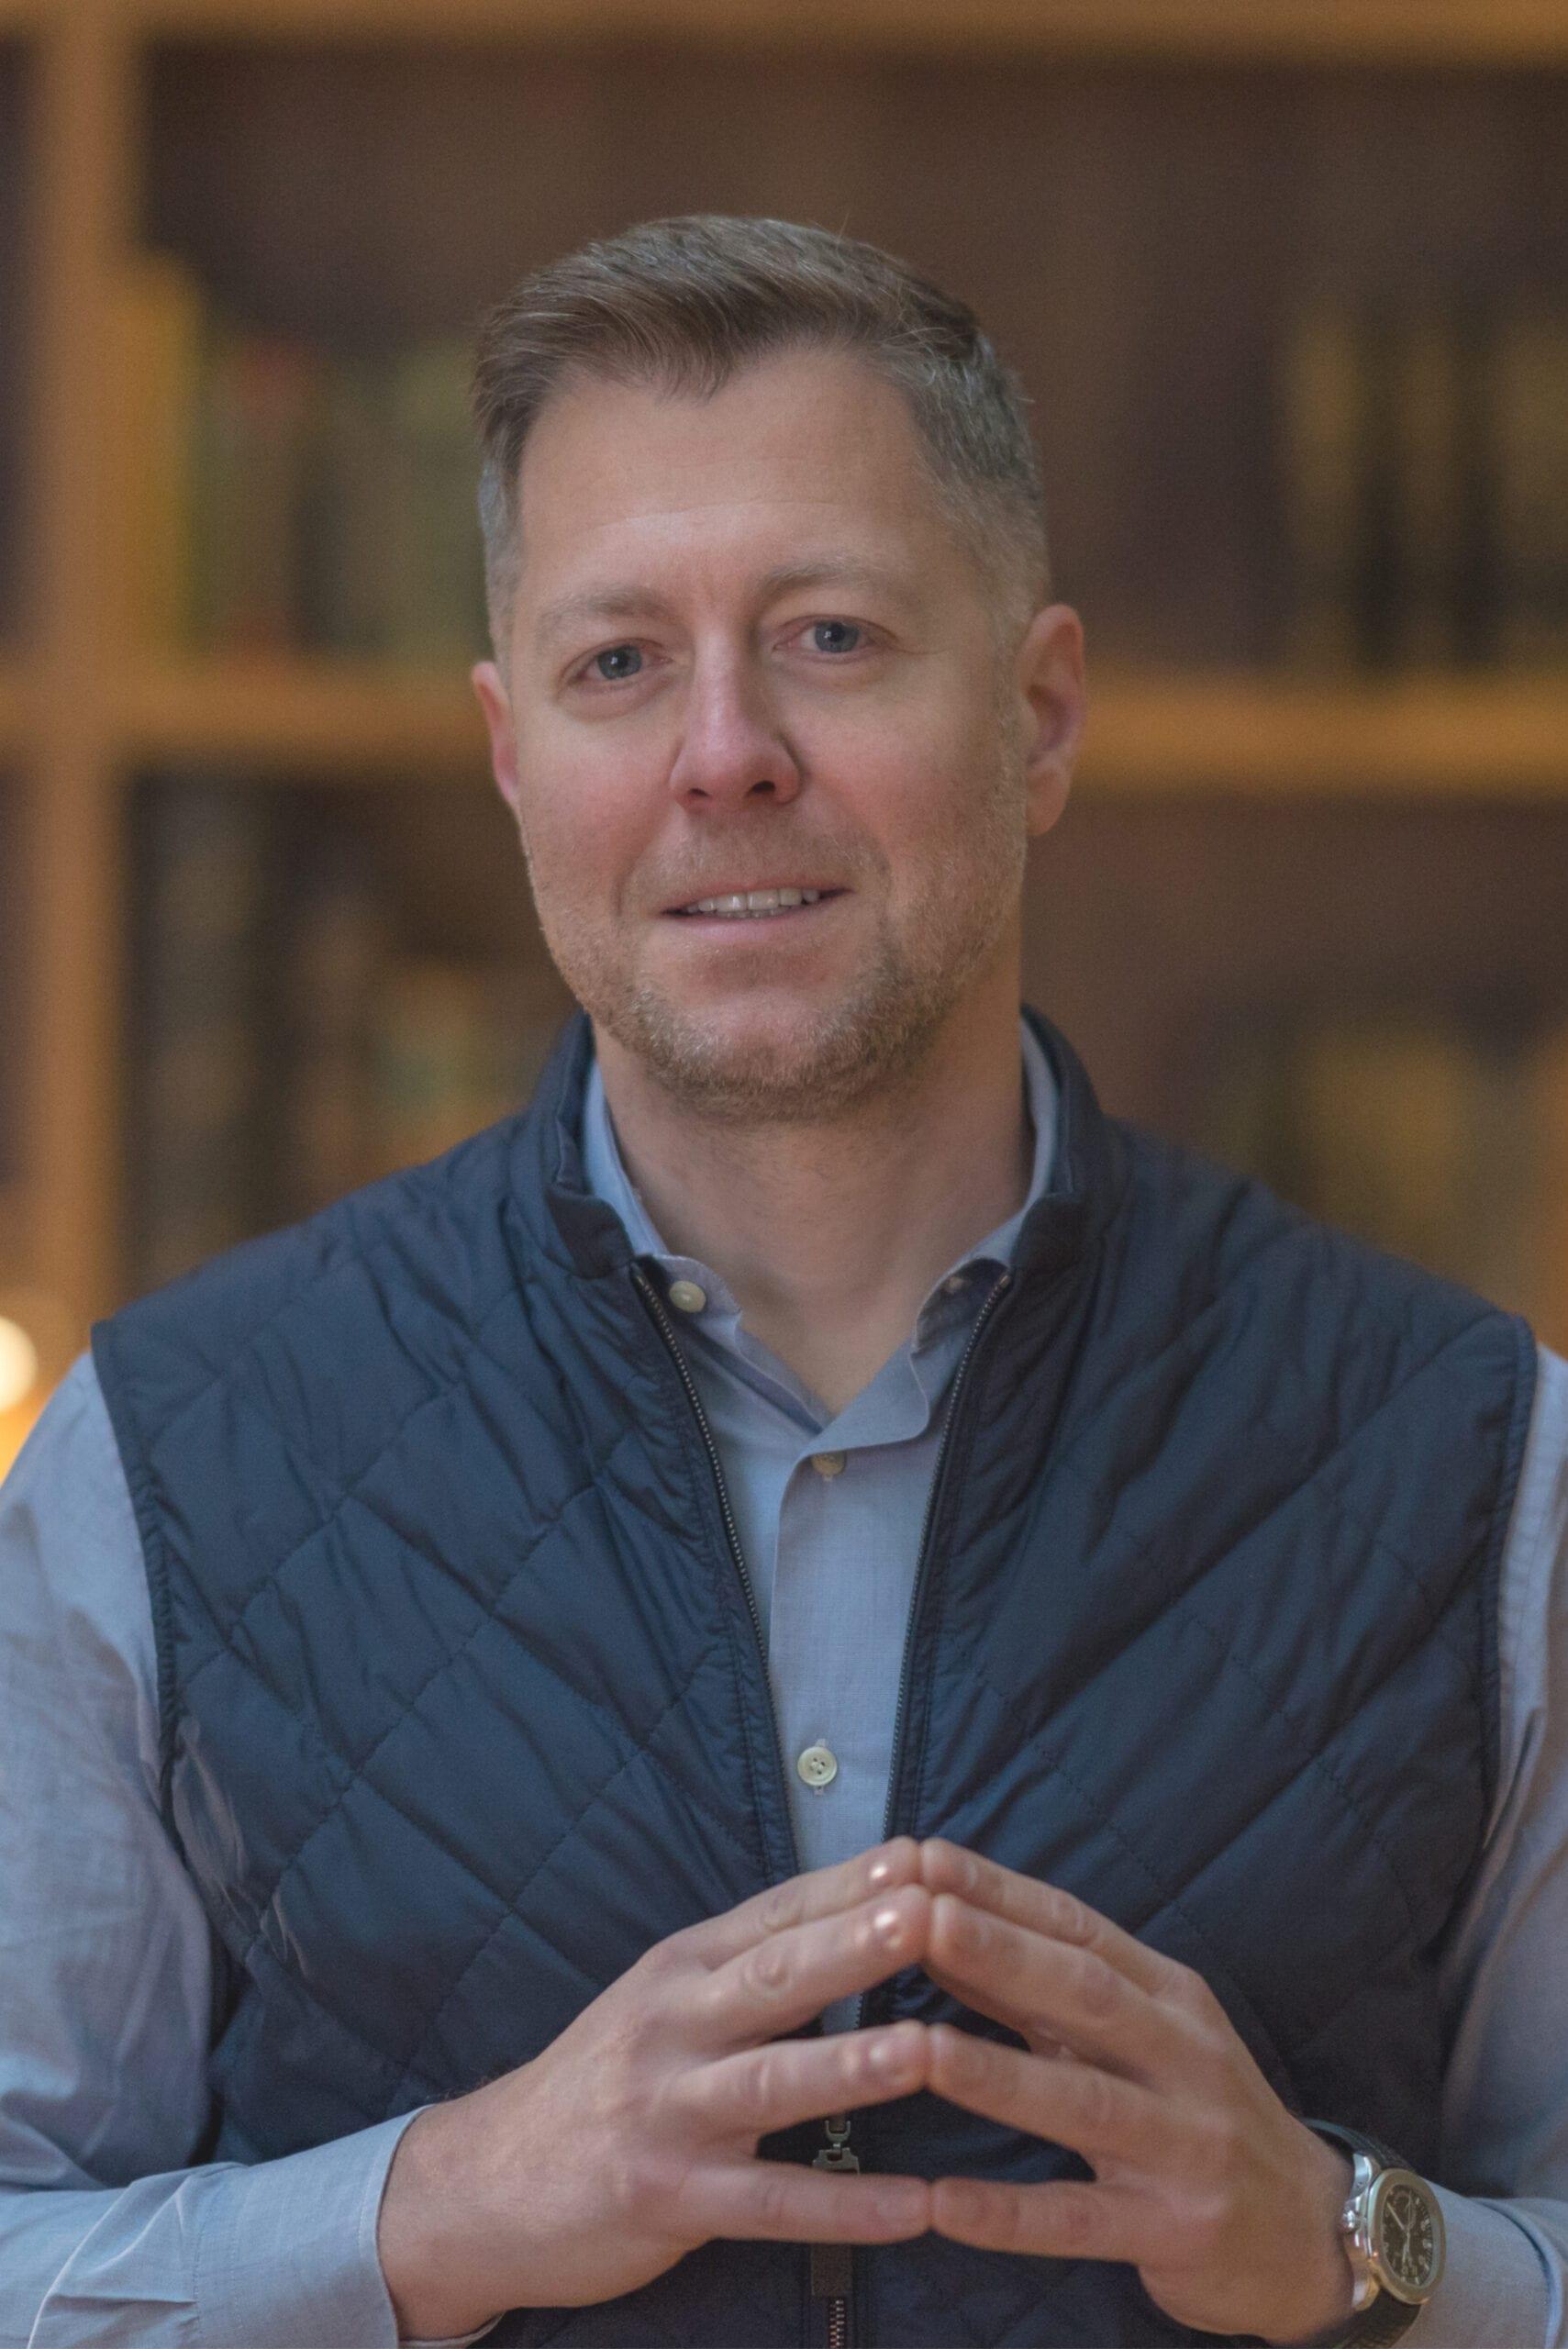 Anthony Glomski